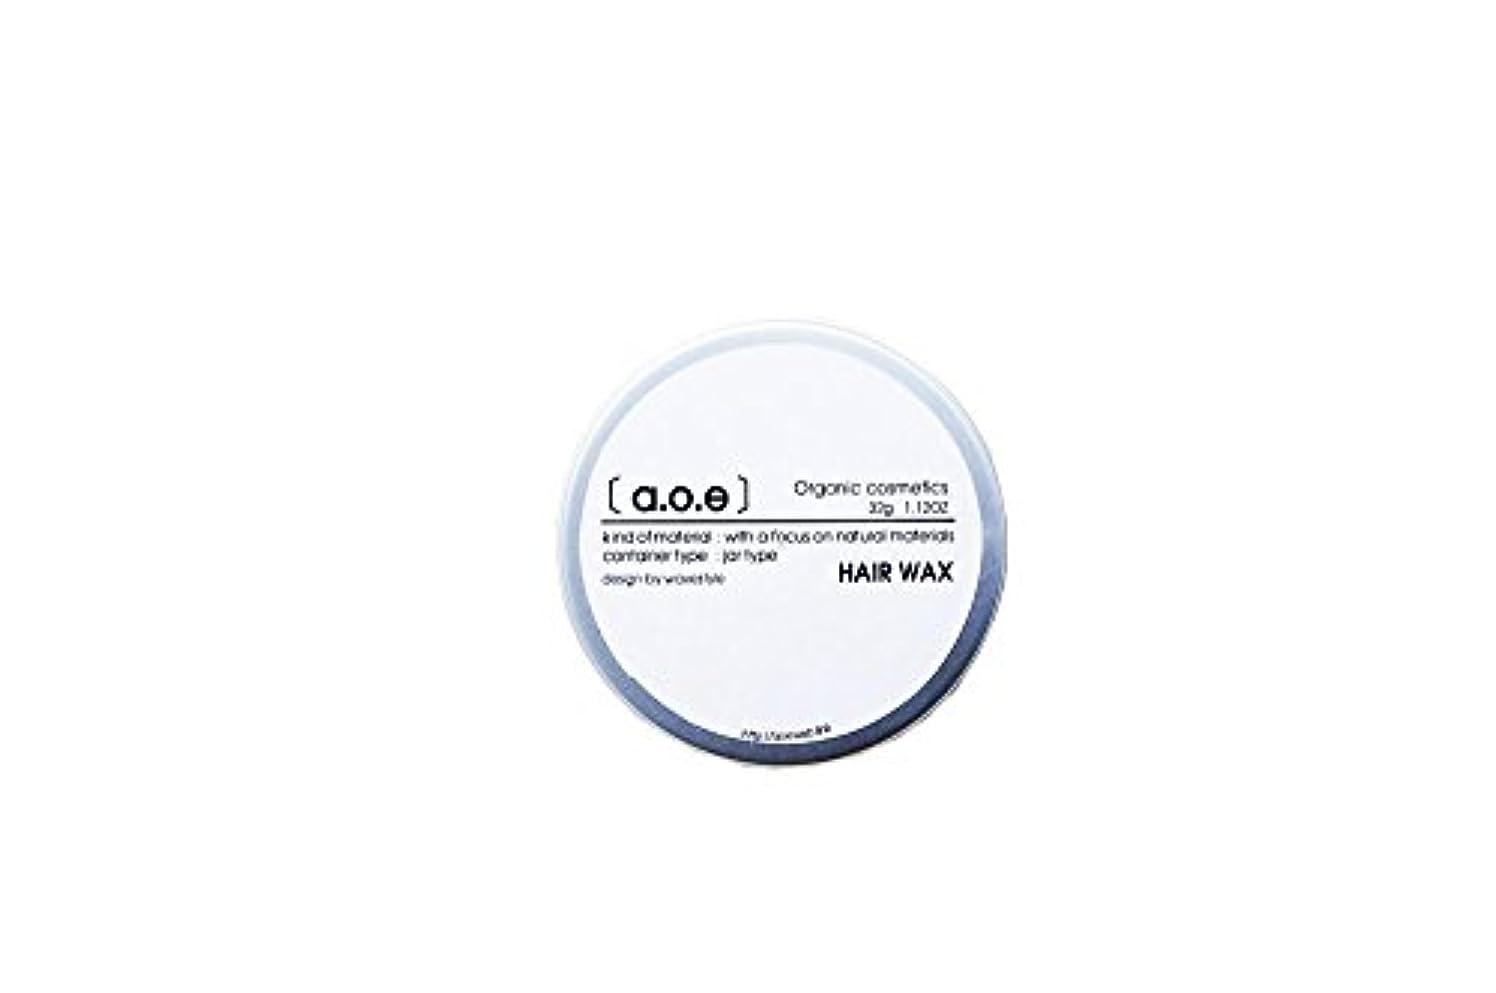 味残基スイス人aoe オーガニック ヘアワックス & バーム 【 Organic Wax & Balm】